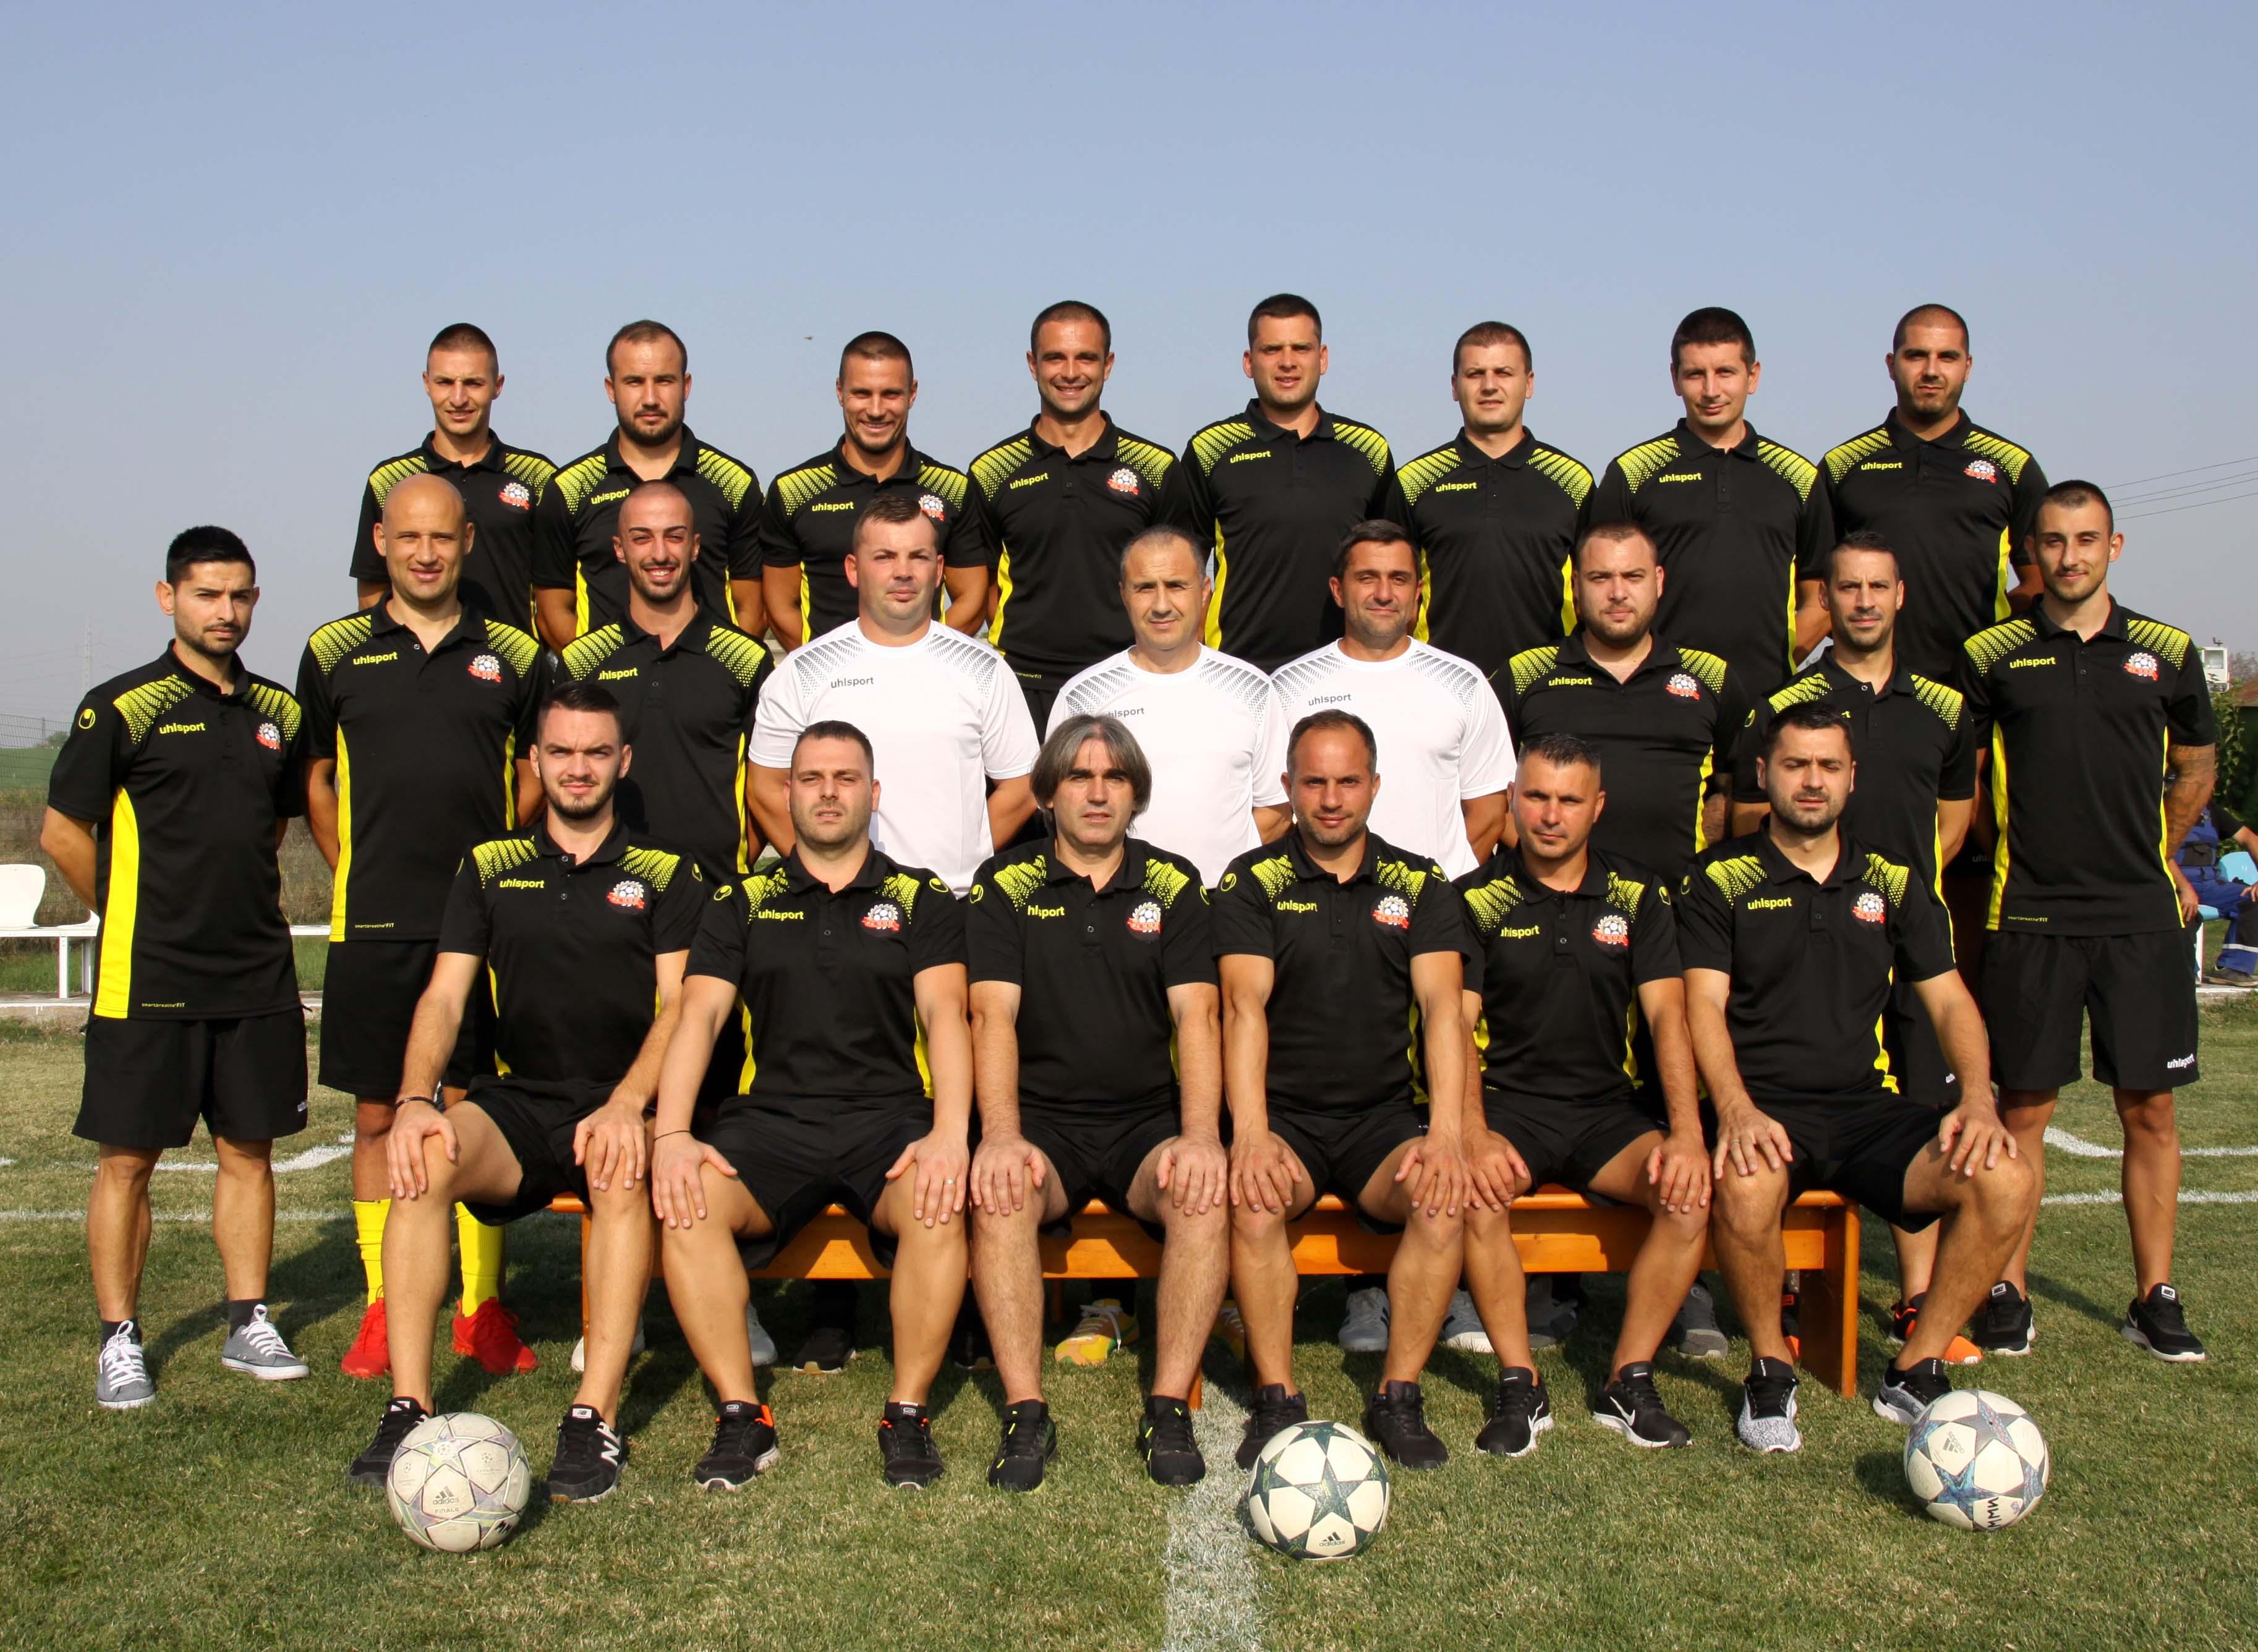 Футболистите на Мини Марица-изток ще представят България на турнир по футзал  в Москва